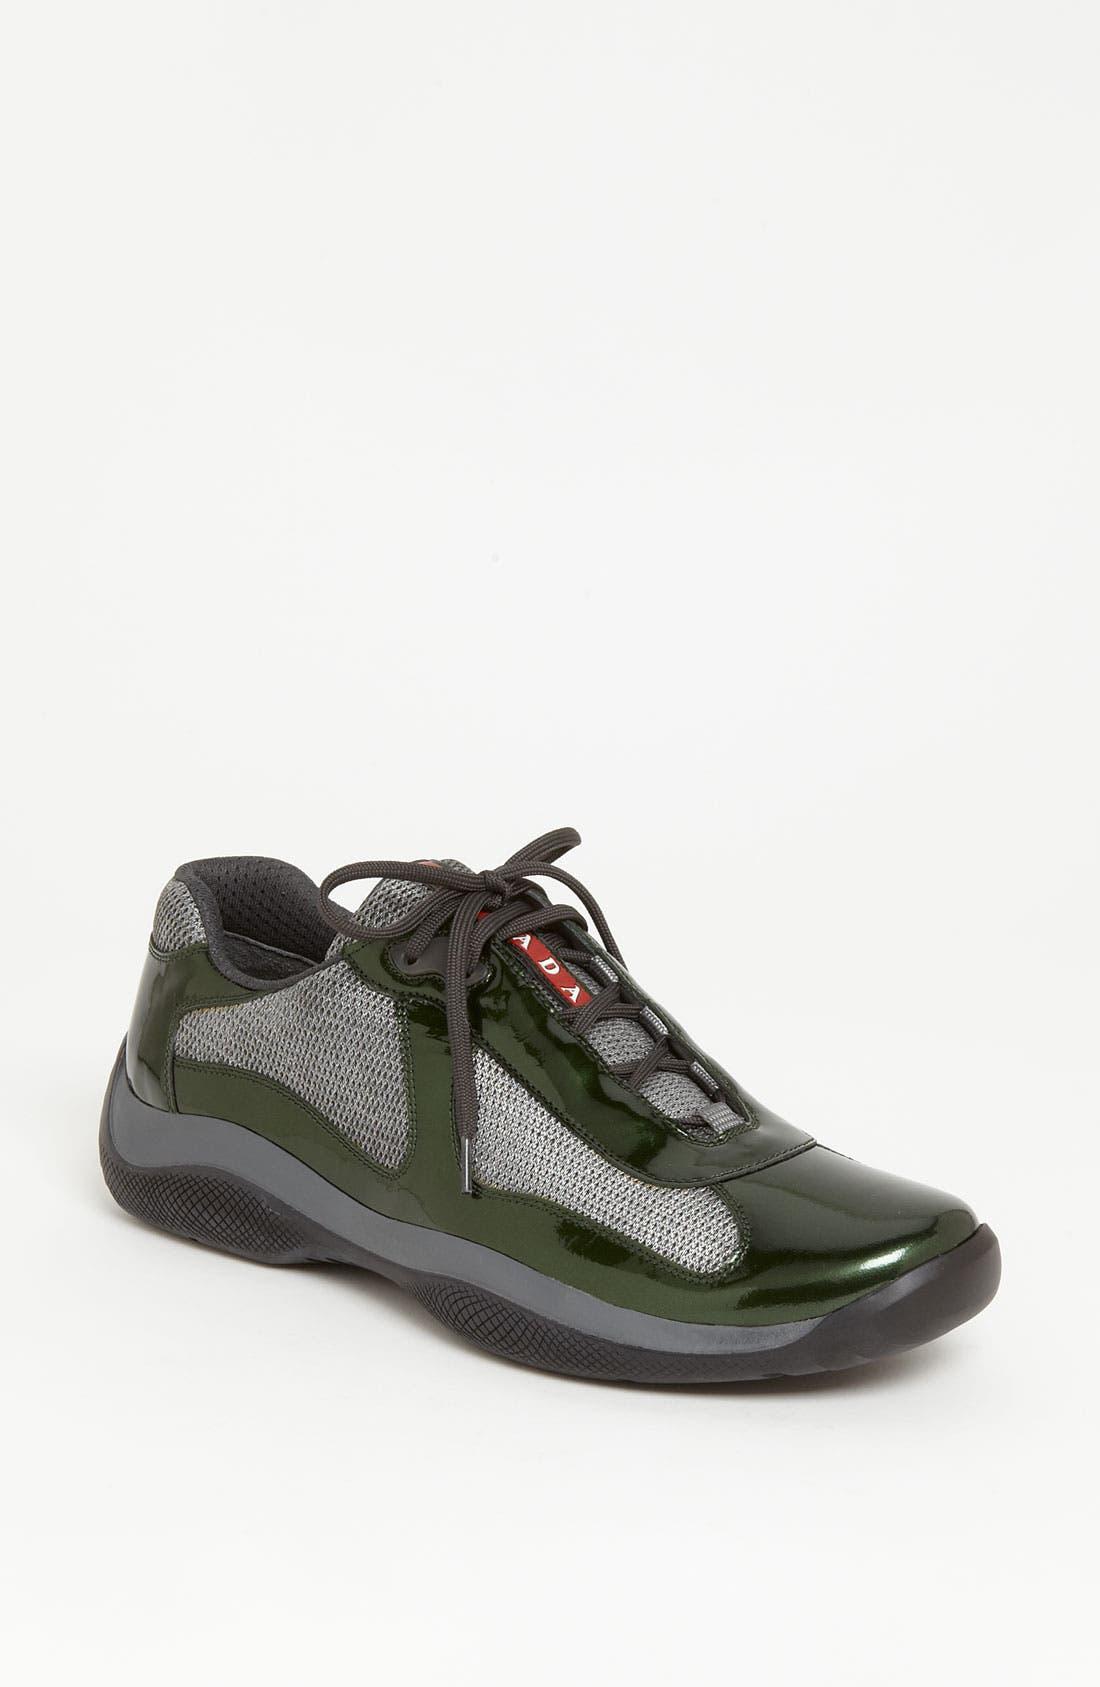 Alternate Image 1 Selected - Prada 'Punta Ala' Mesh & Leather Sneaker (Men)